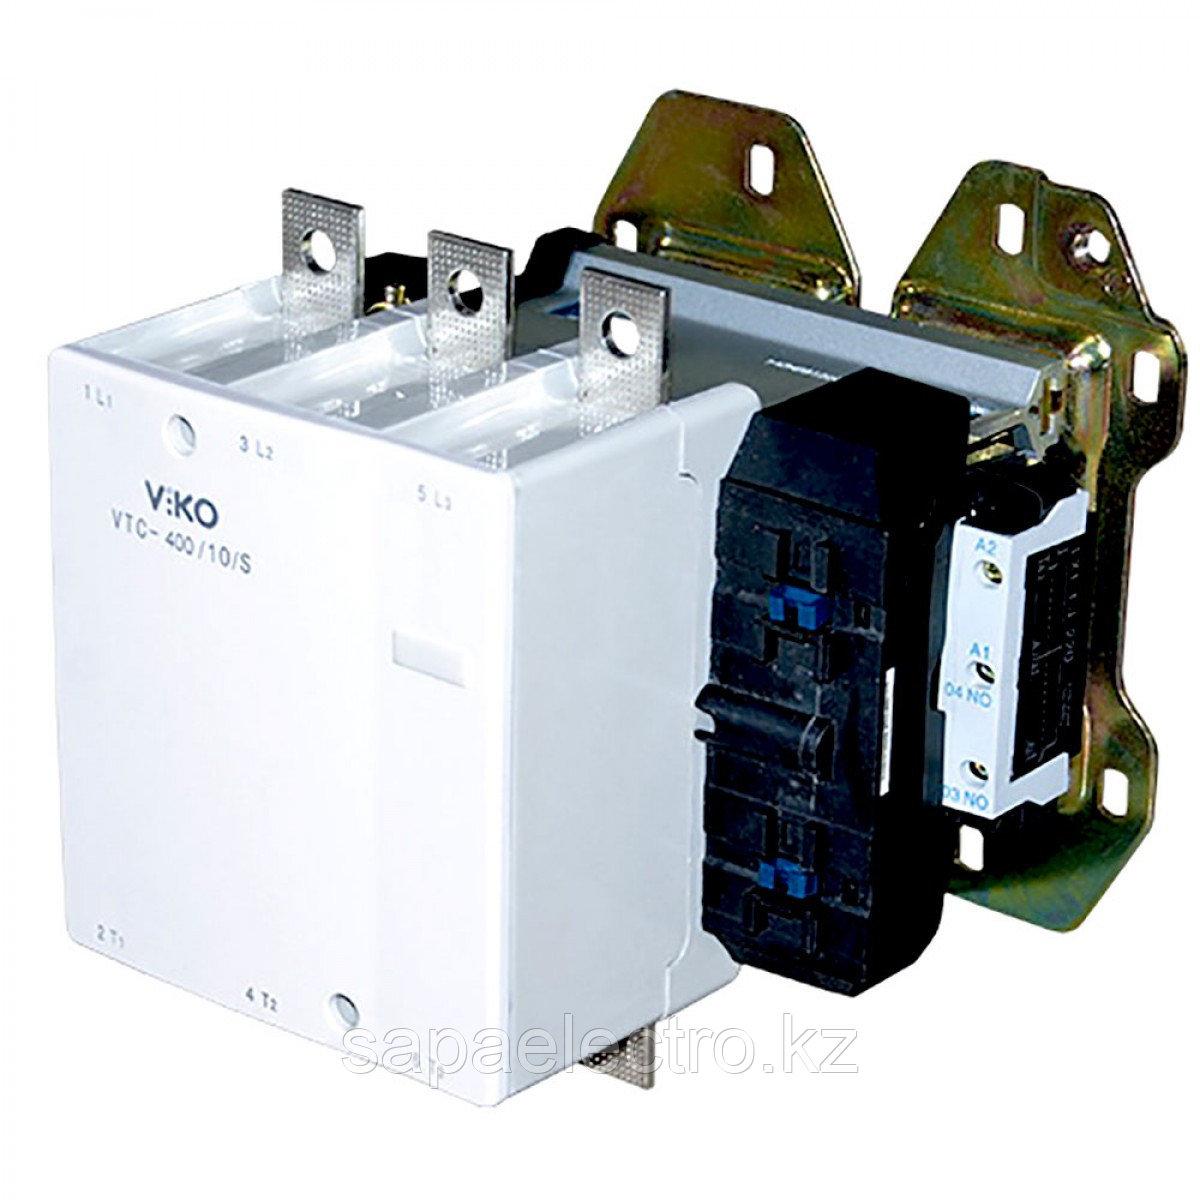 VTC-400/10/S AC CONTACTOR 400A  1NO 230V (VIKO)2шт